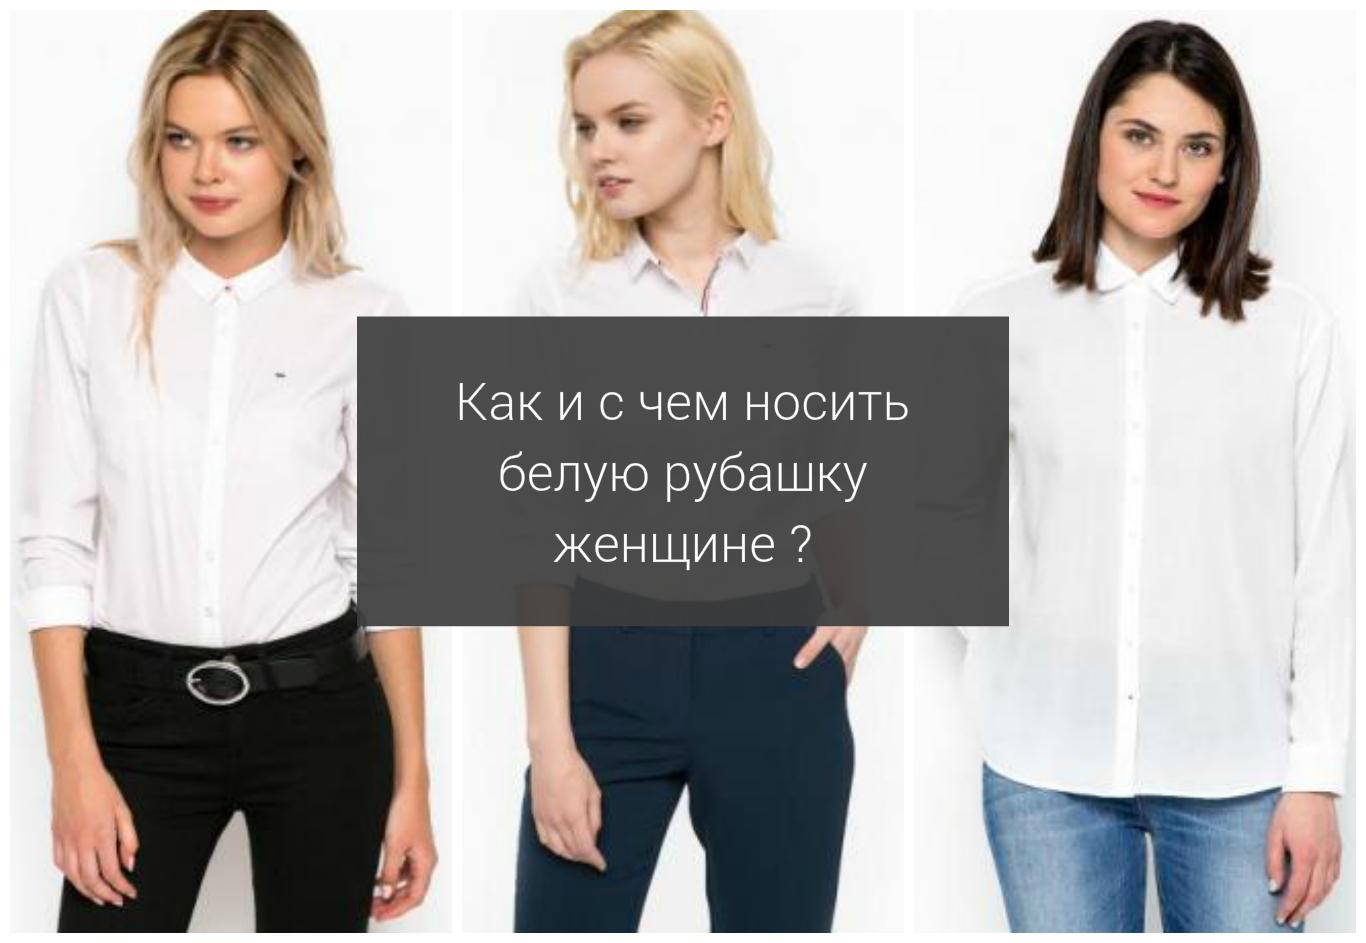 1bcded595c2 У каждой прекрасной дамы в гардеробе найдется белая рубашка. Есть несколько  способов ее украсить